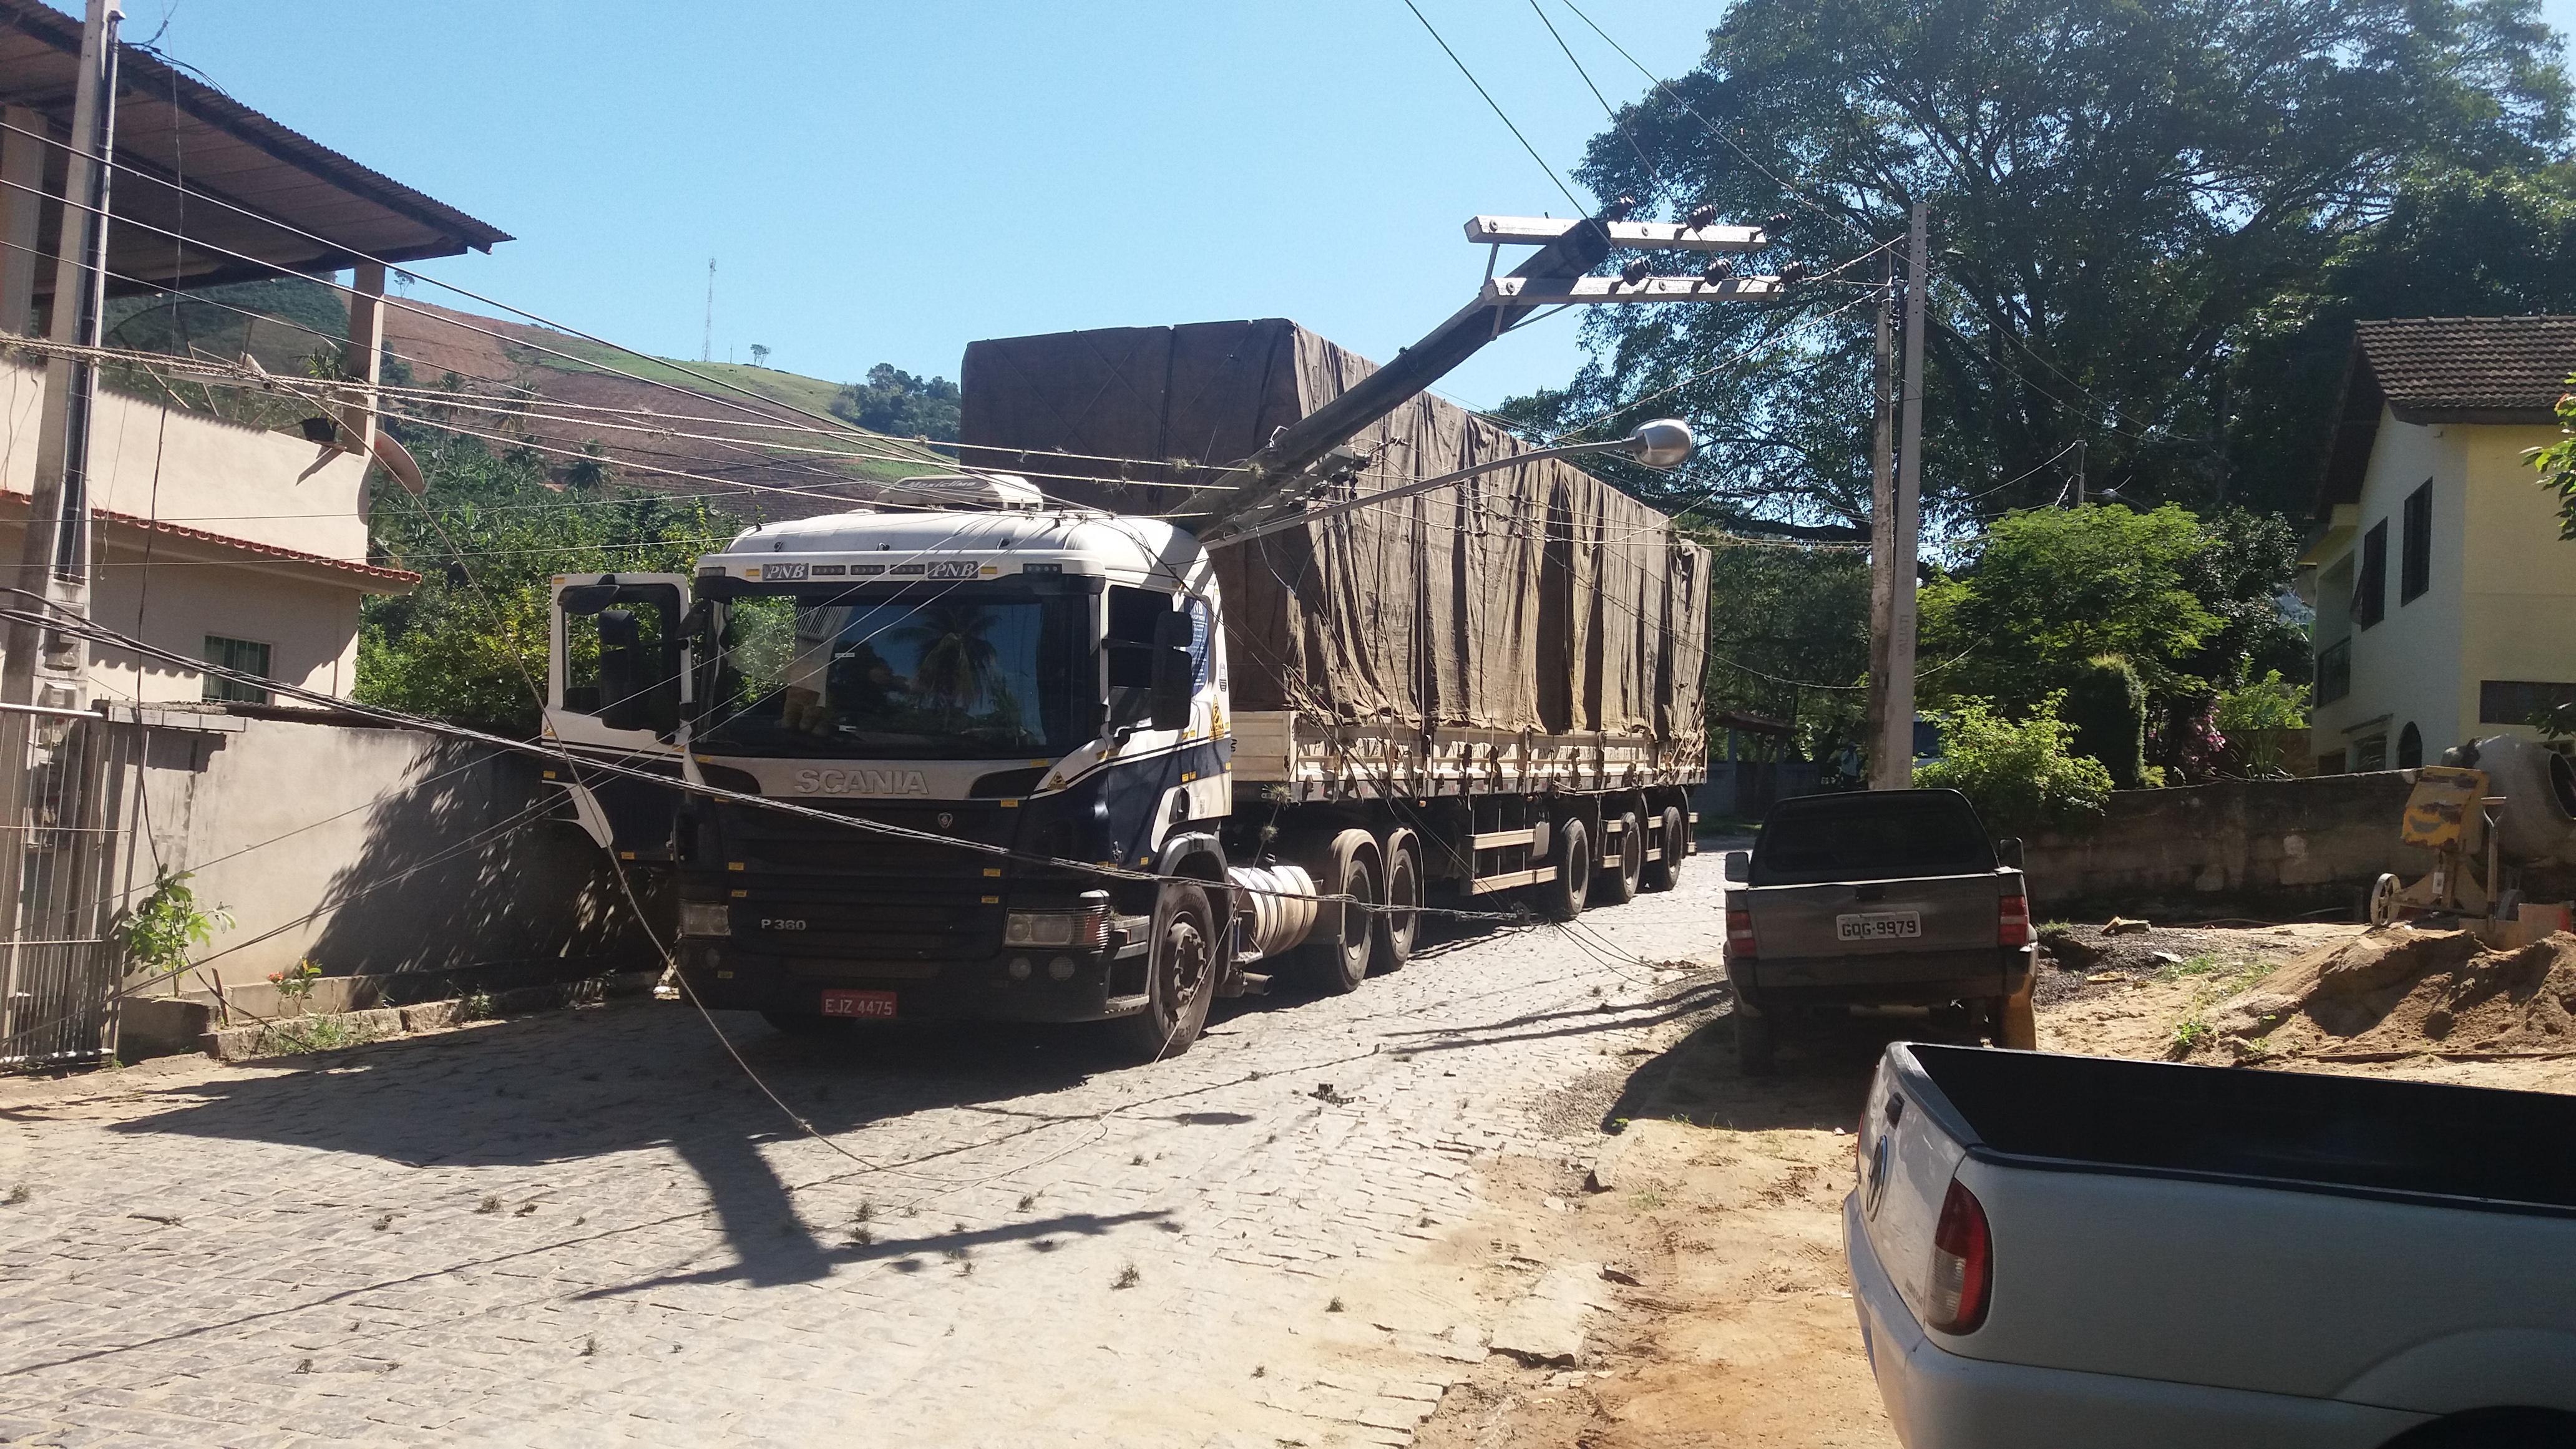 Caminhão derruba postes e interdita rodovia que liga Iconha a Vargem Alta